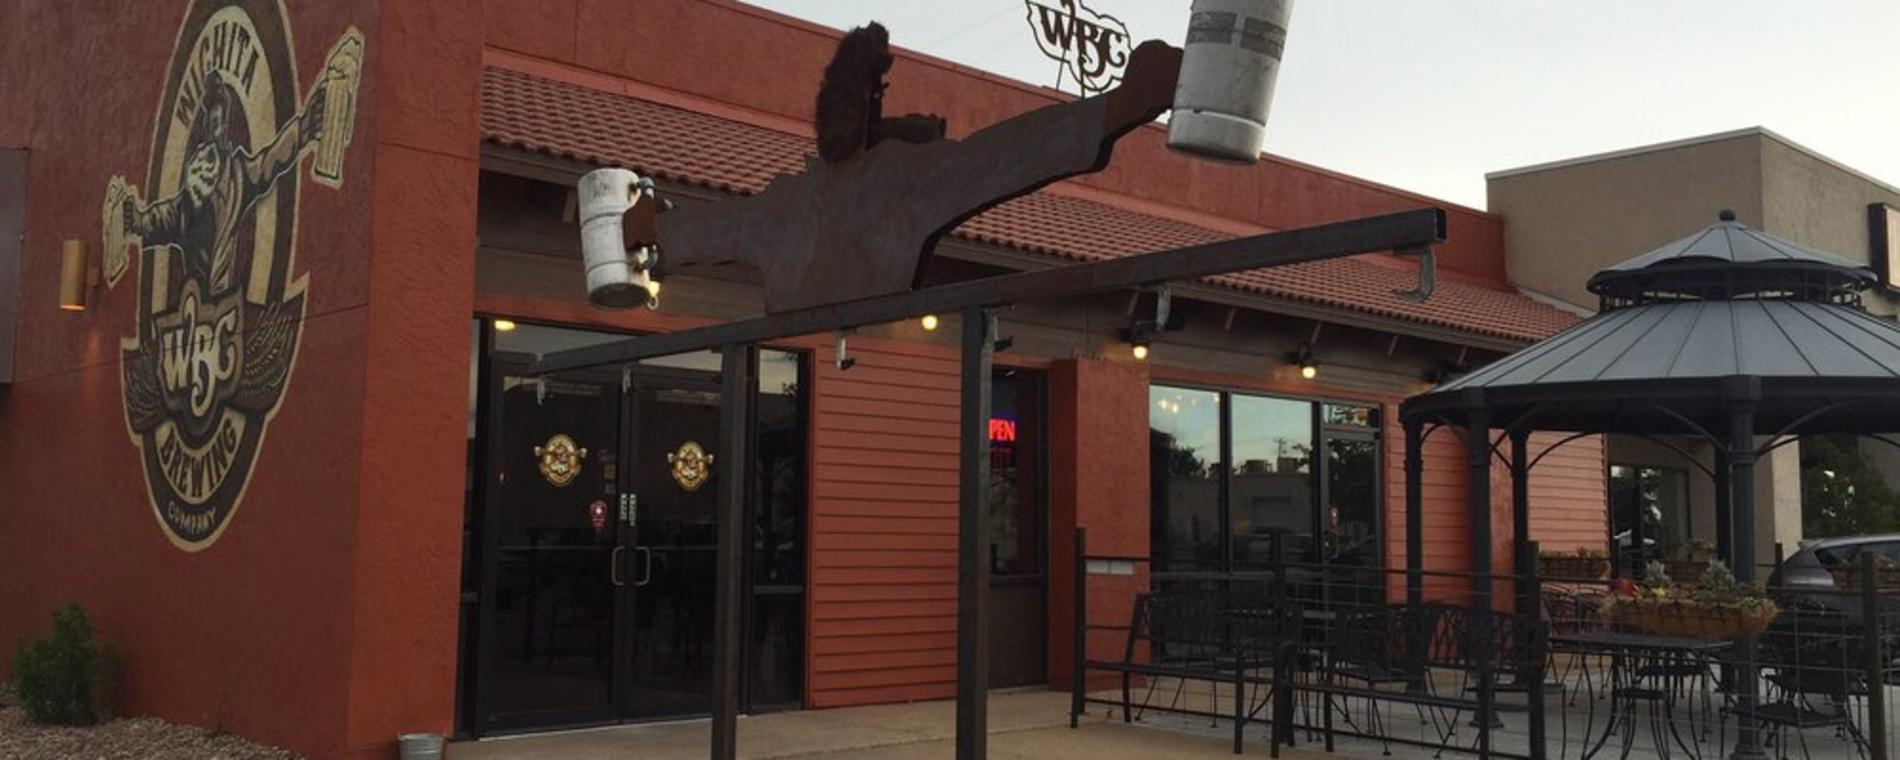 WBC exterior Visit Wichita